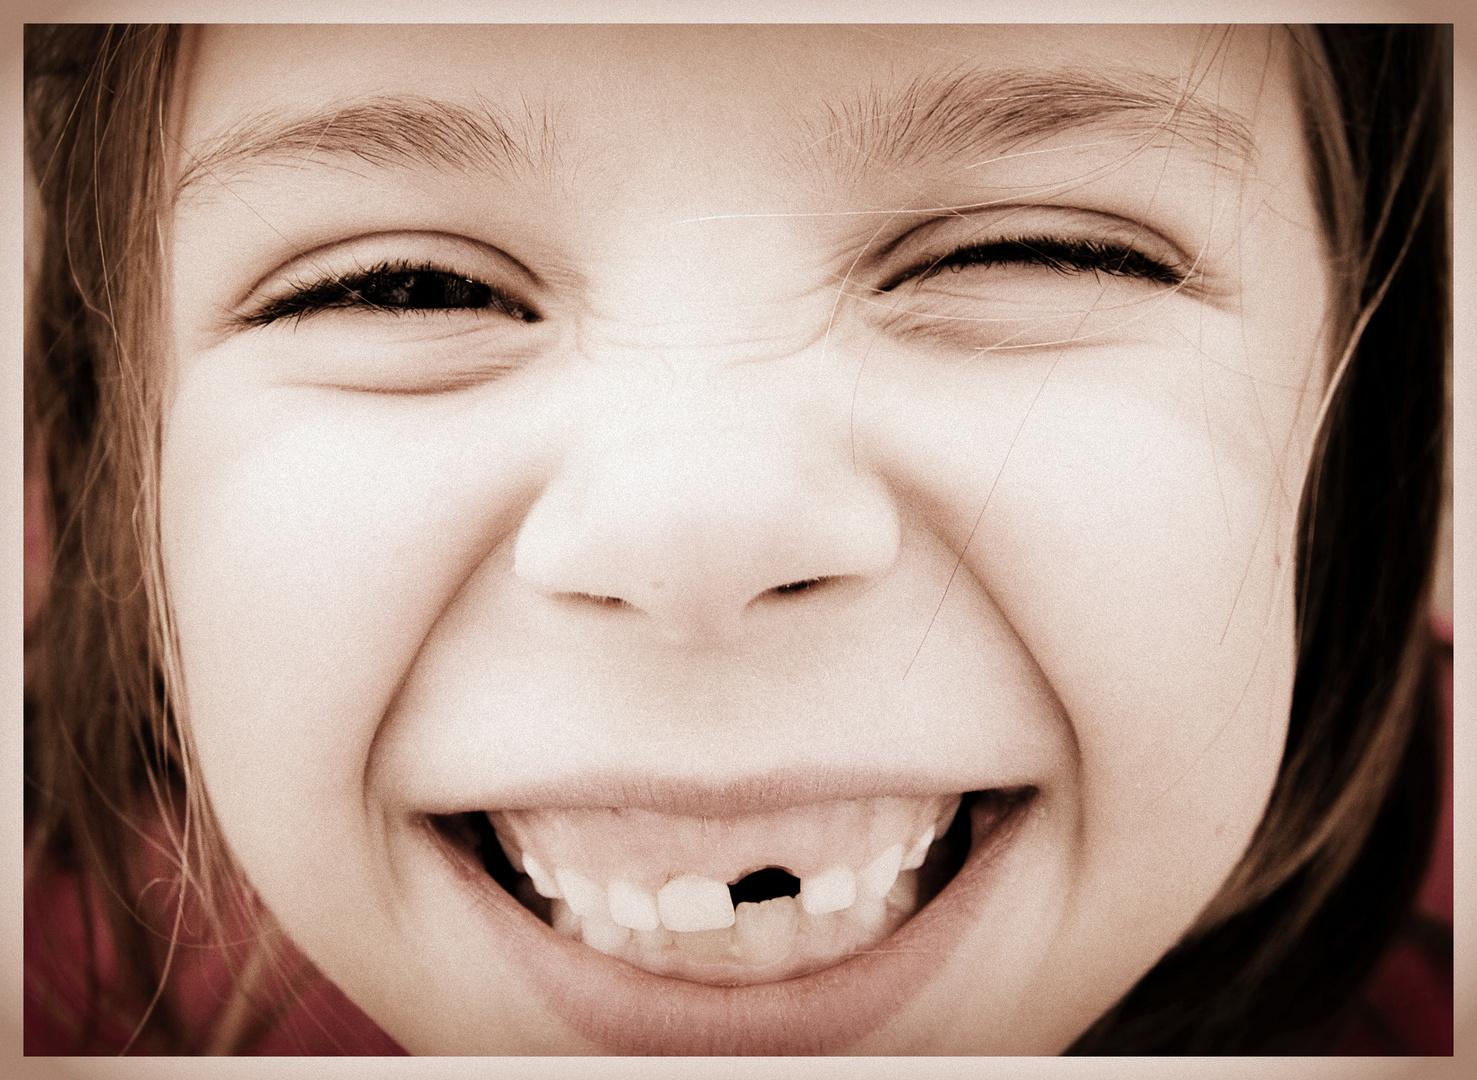 Zahnlückchen